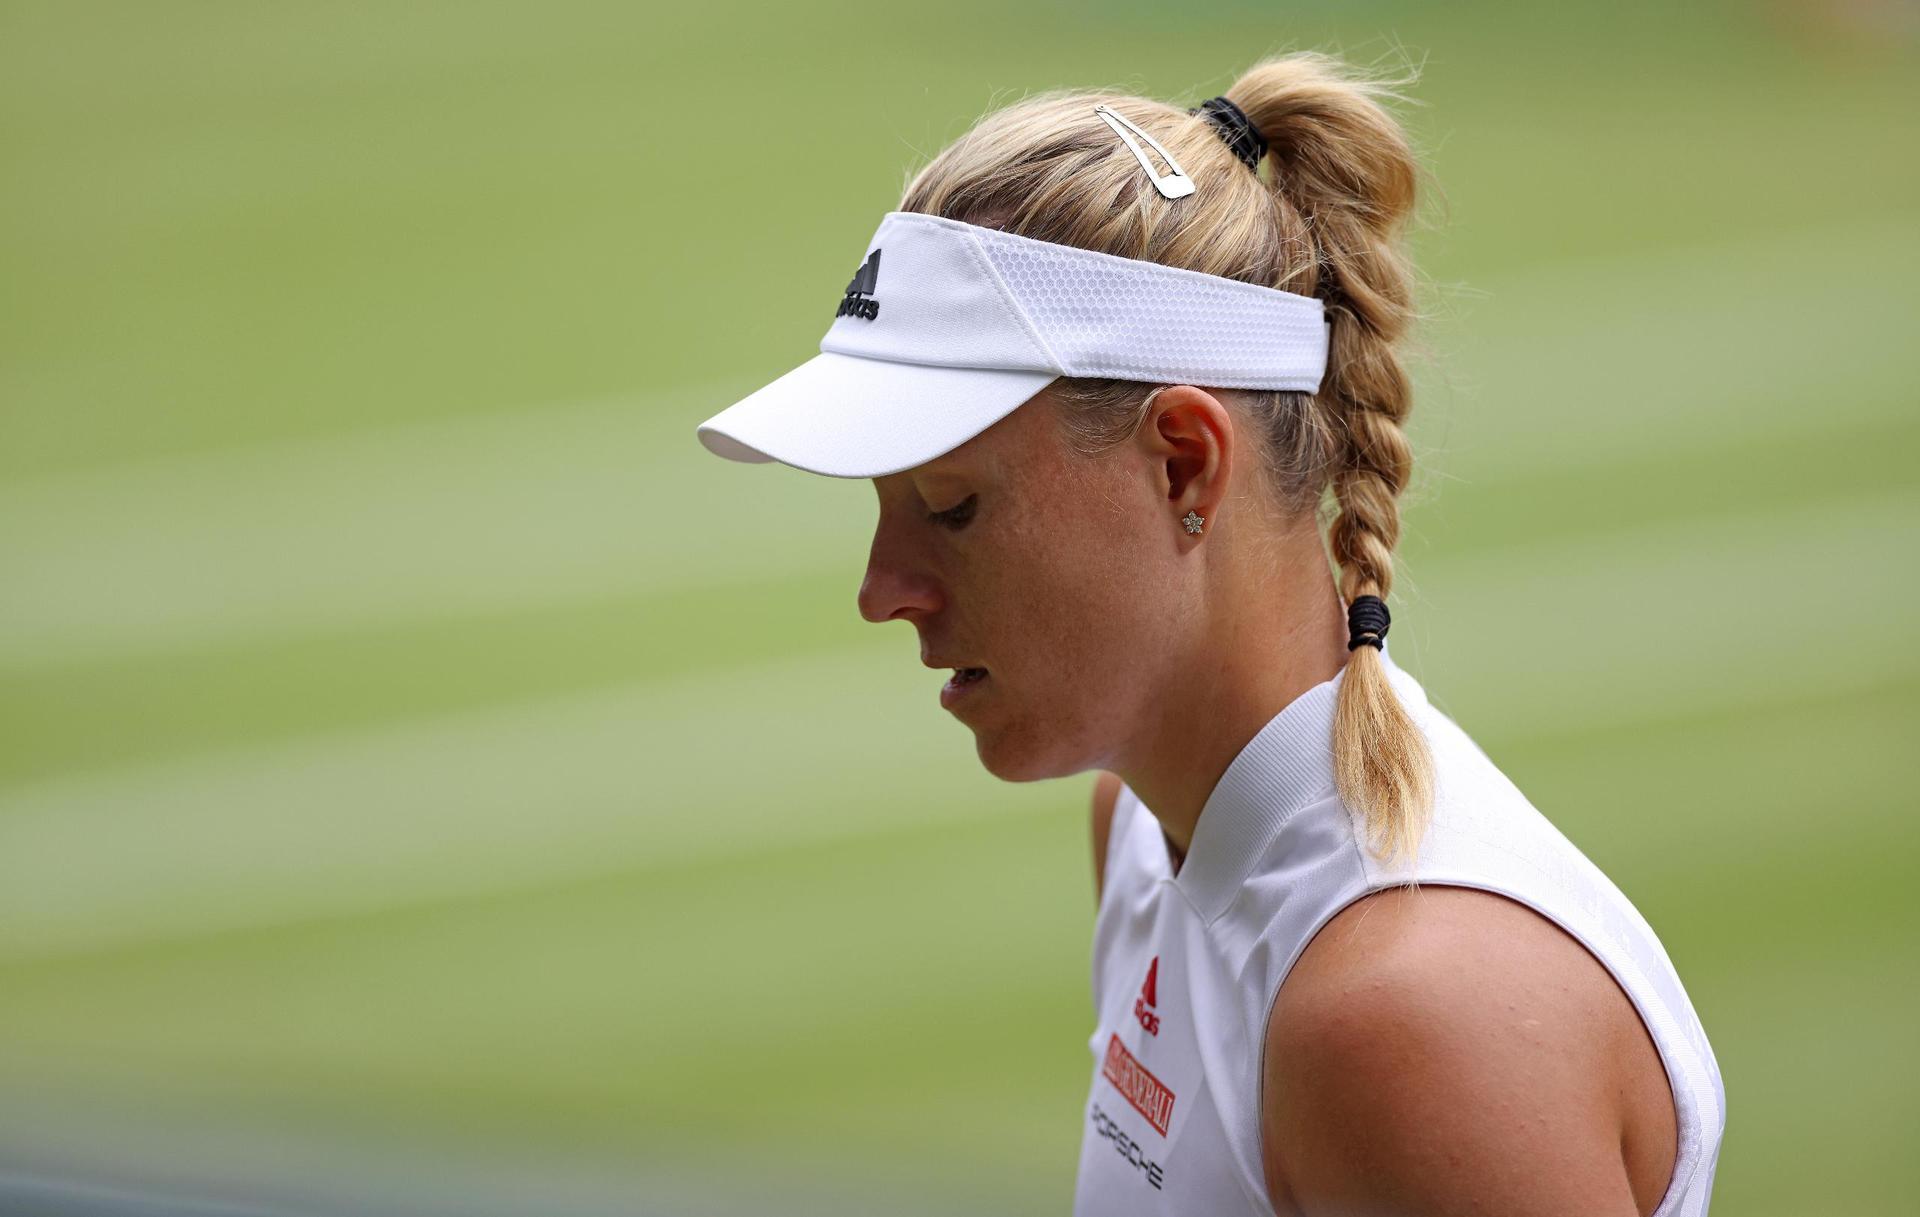 Tennis-Star Kerber sagt für Olympia in Tokio ab Sommerspiele in Japan